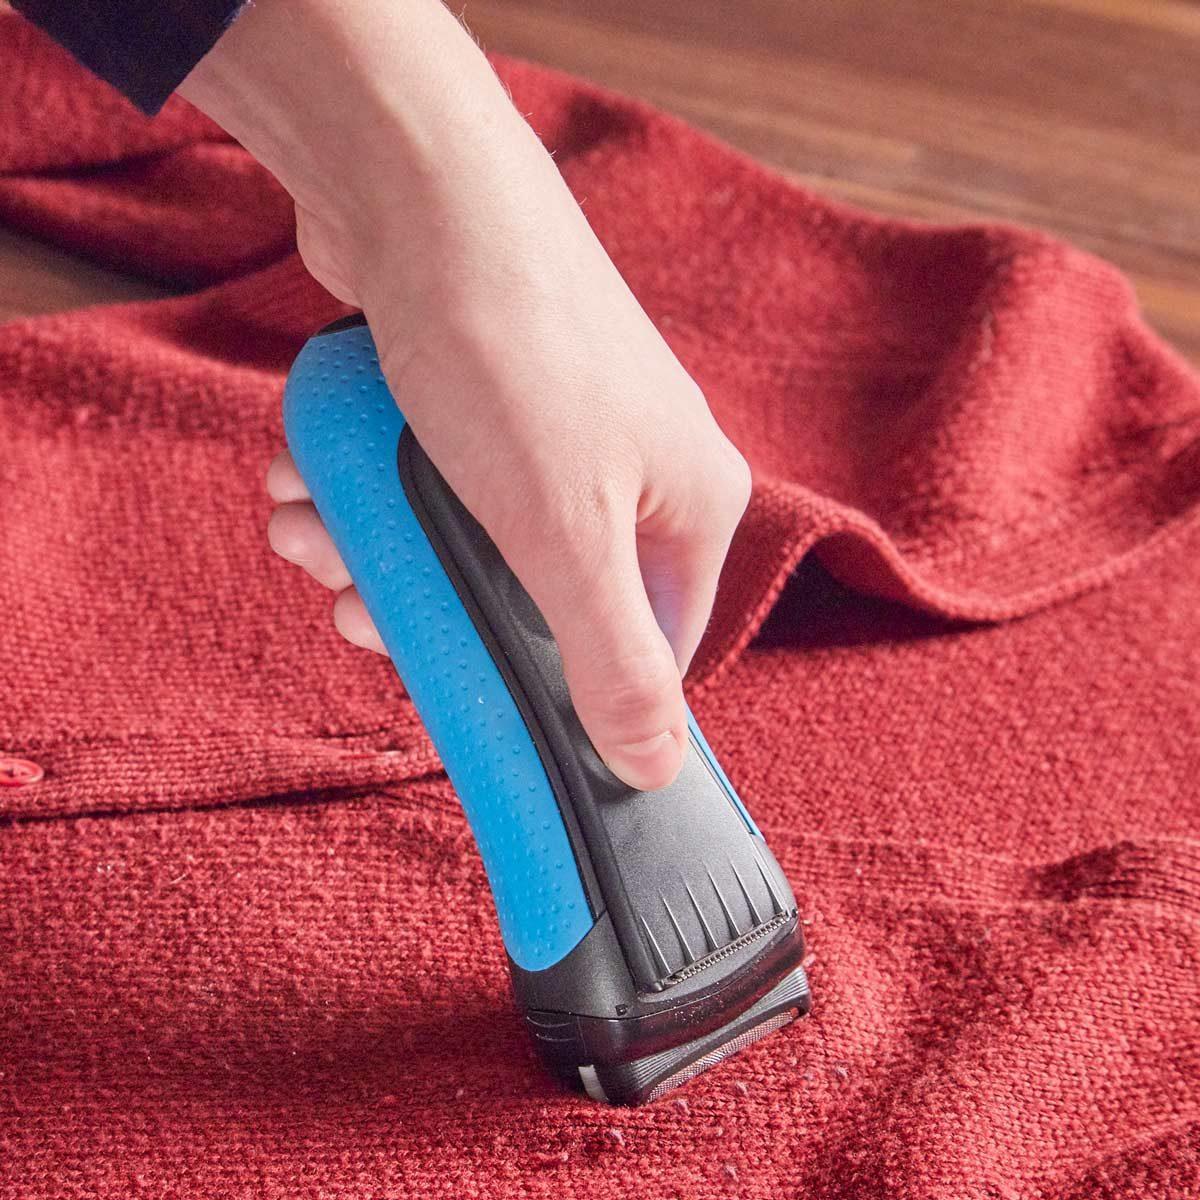 HH razor remove sweater pills